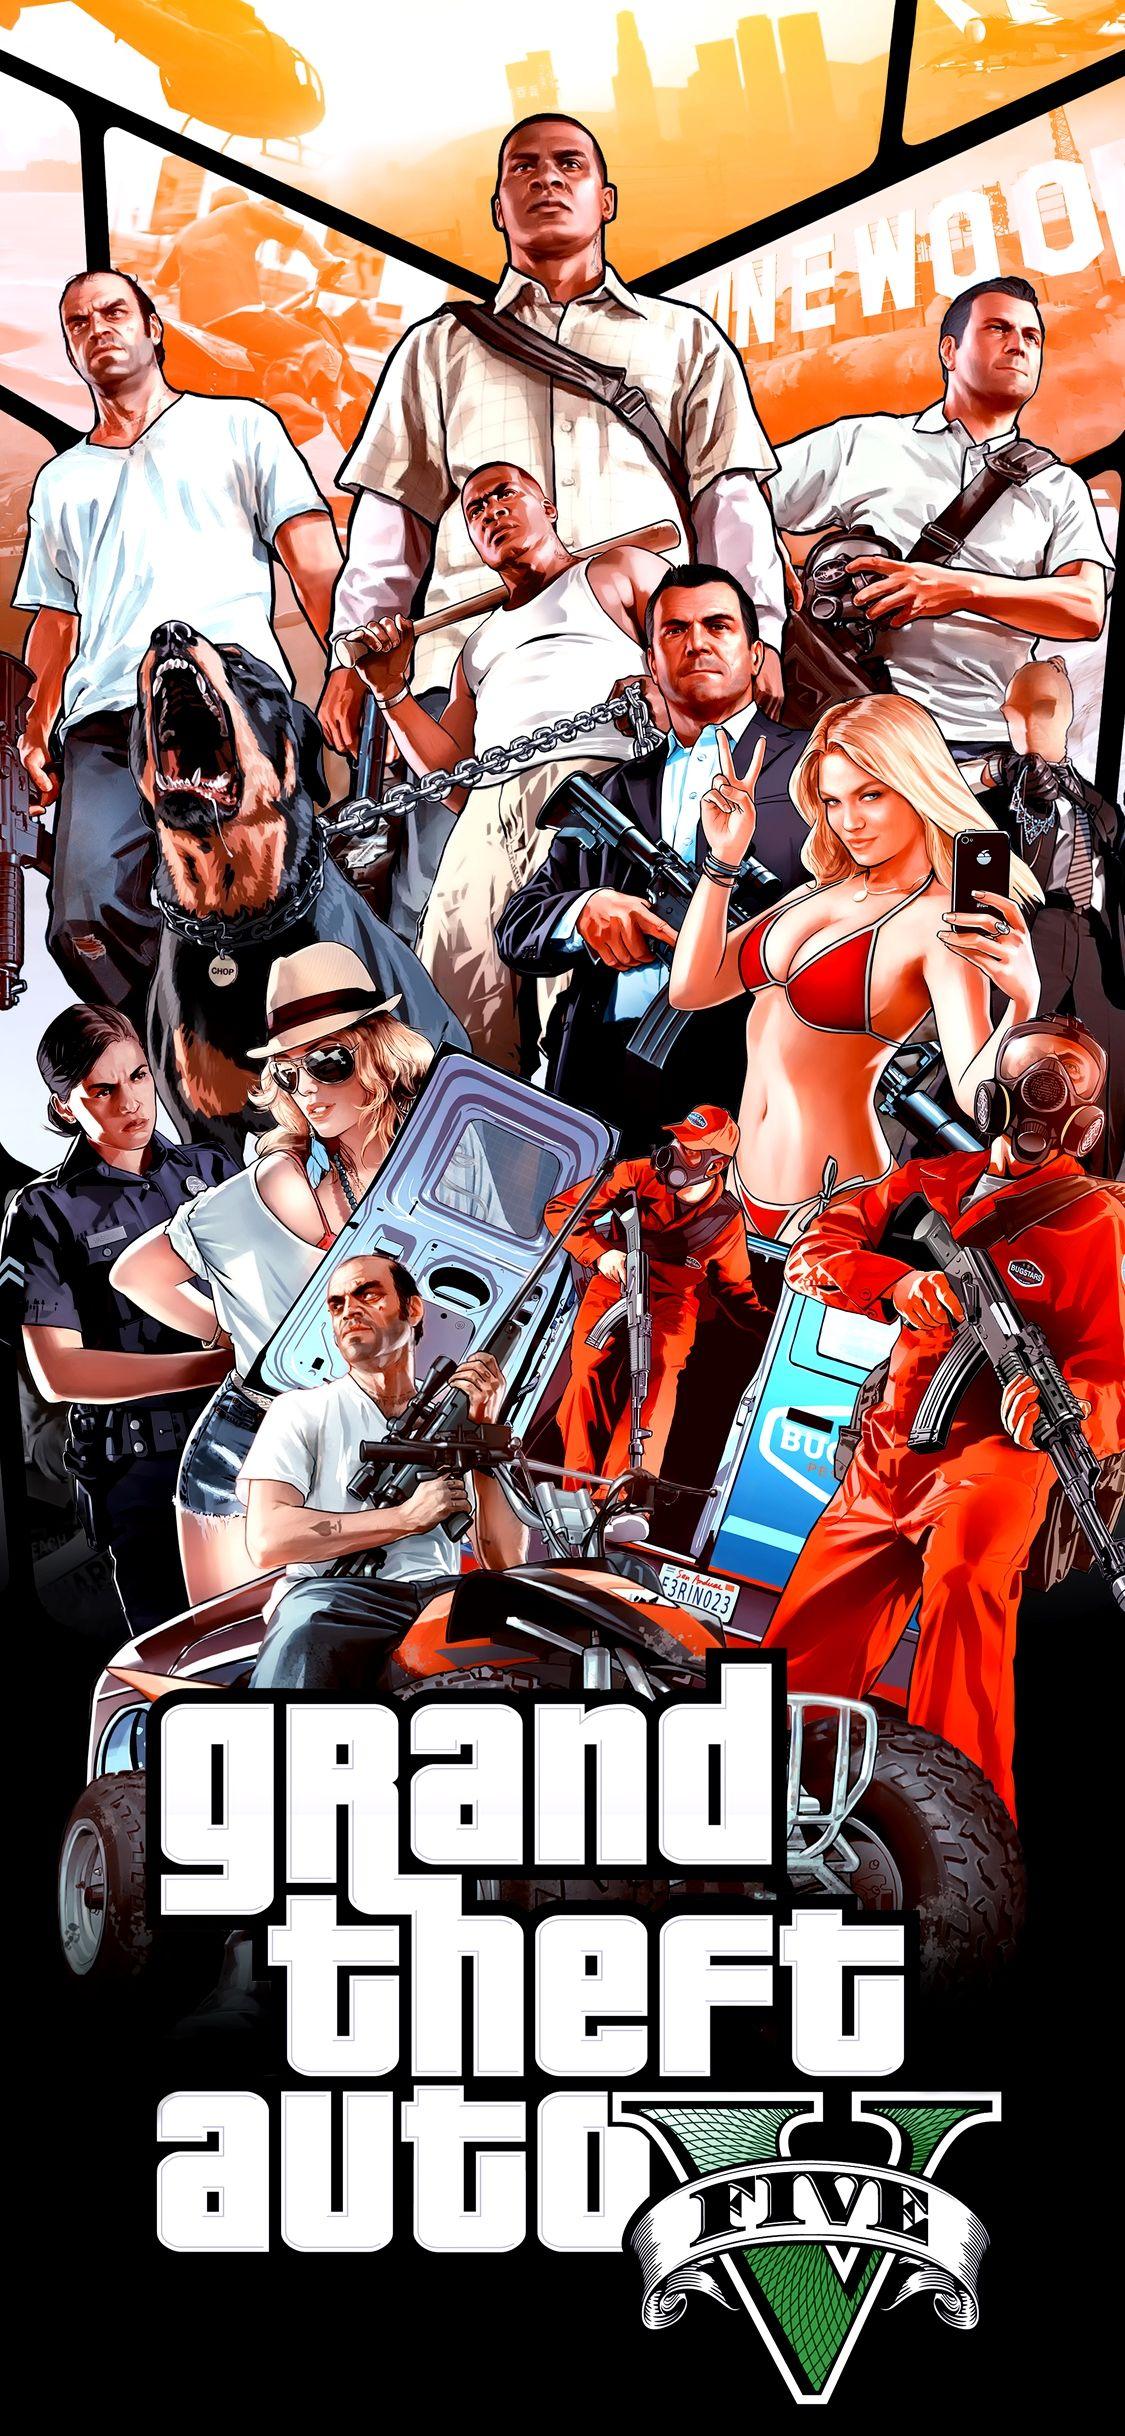 Gta V Wallpaper 4k Iphone Trick Desenho De Gta Personagens De Videogame Papeis De Parede De Jogos